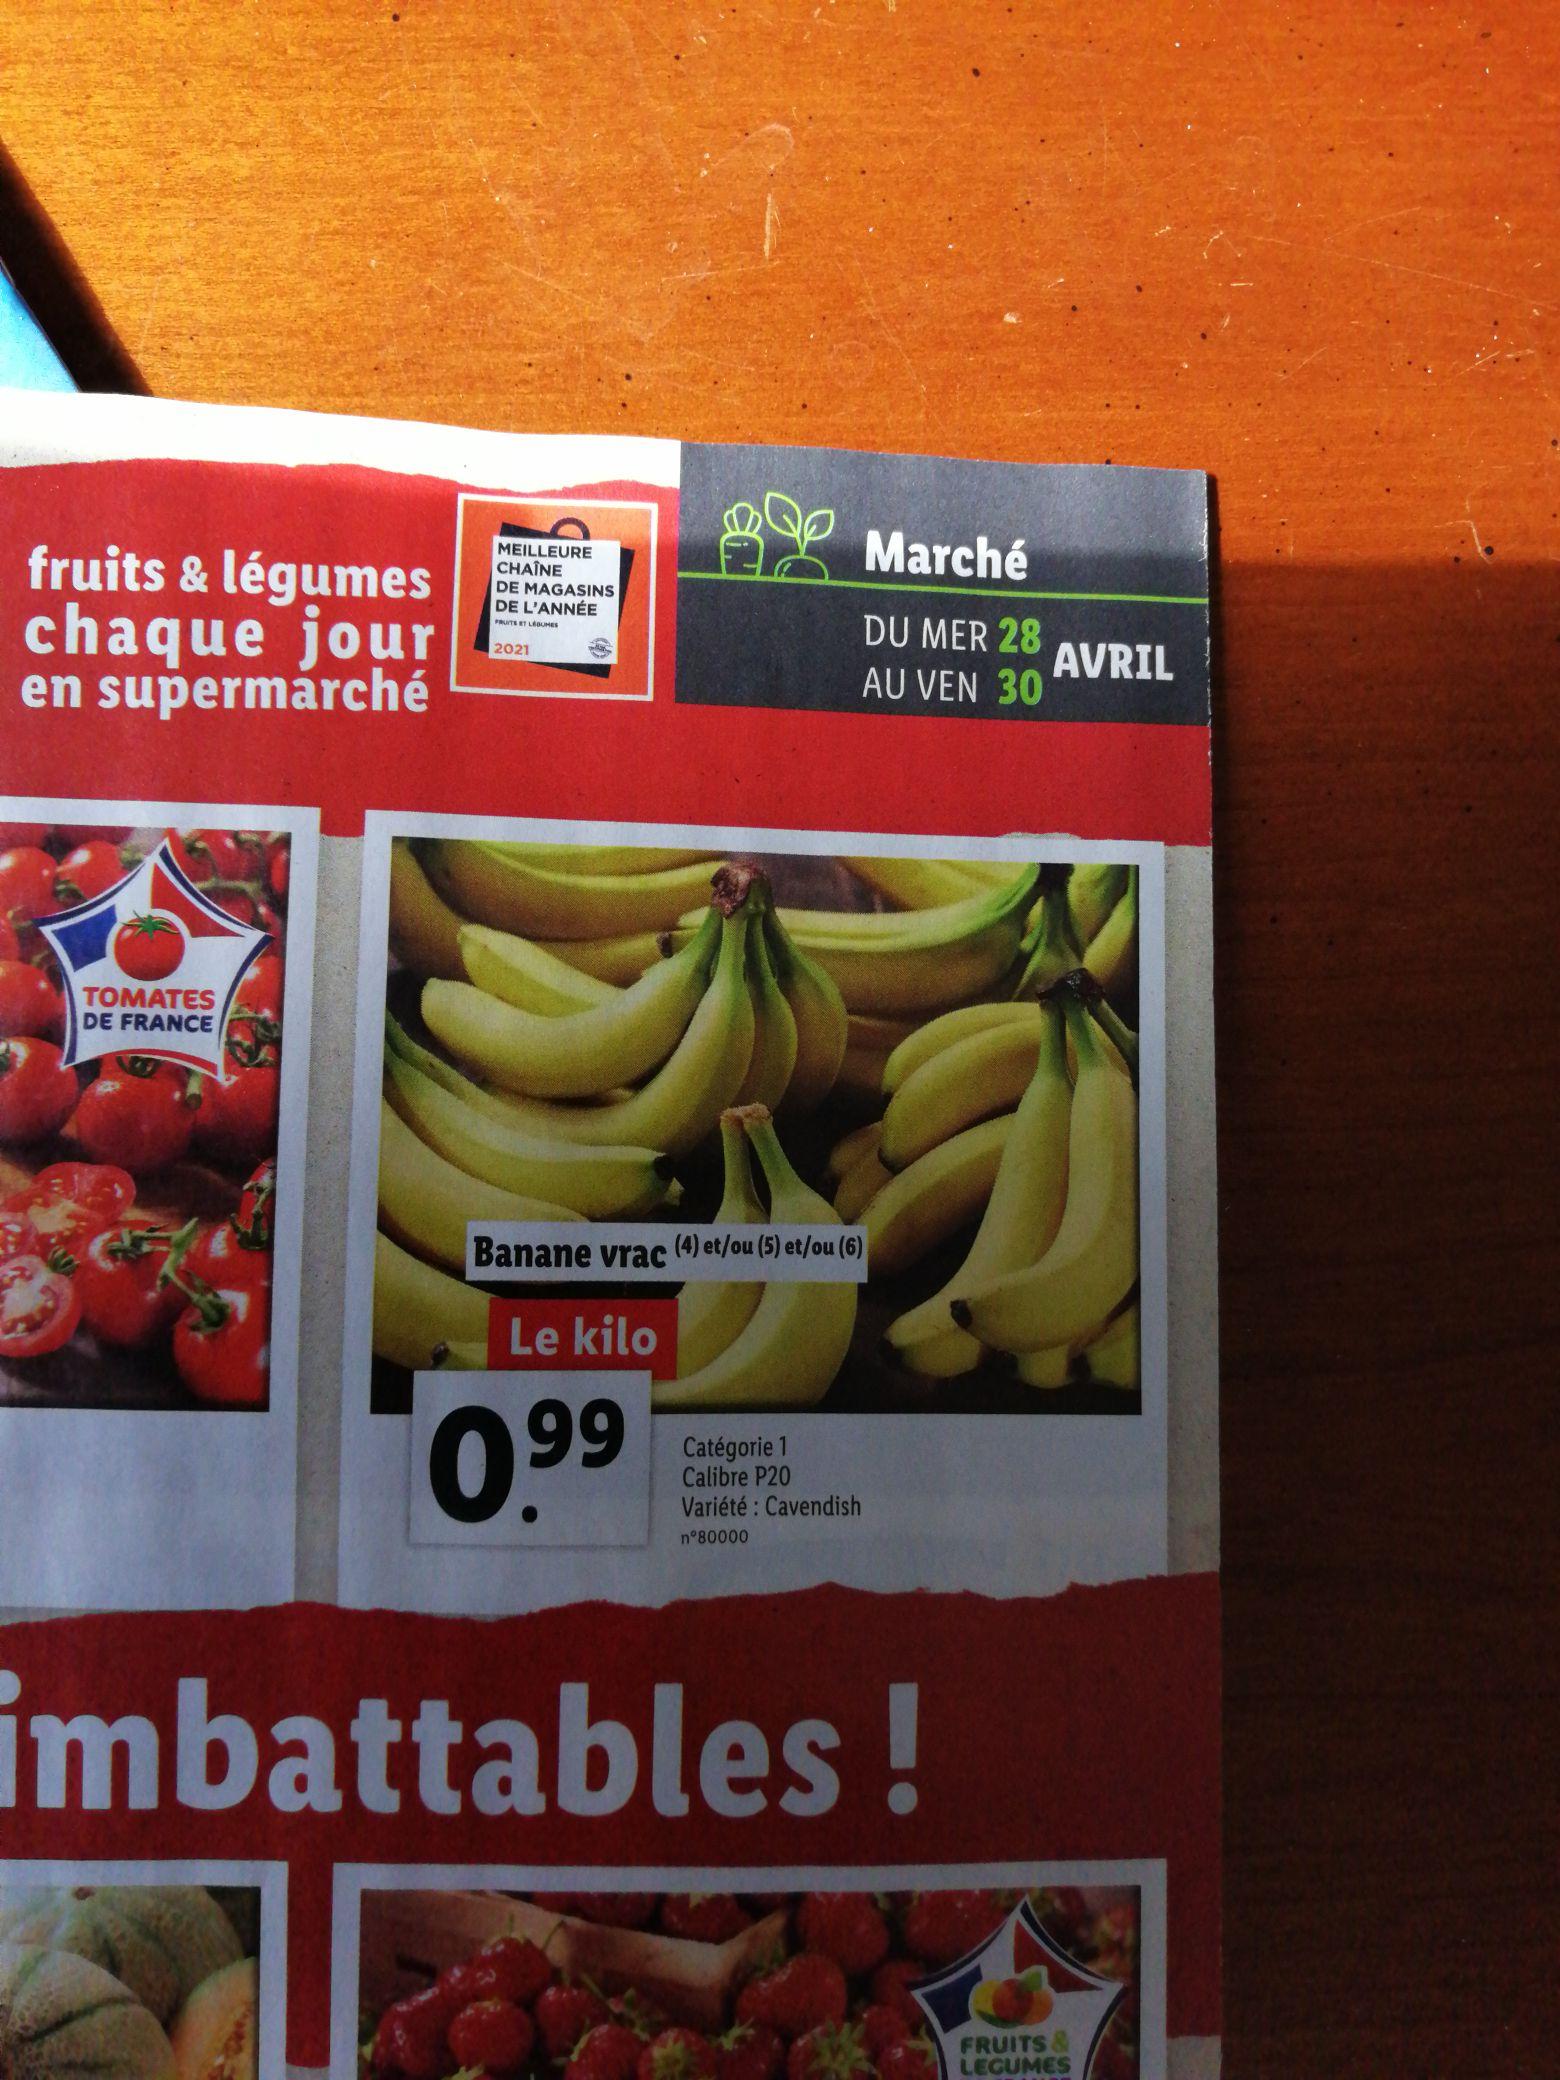 Bananes Cavendish - Catégorie 1, Origine Amérique Centrale ou Afrique ou Antilles françaises (le kilo)